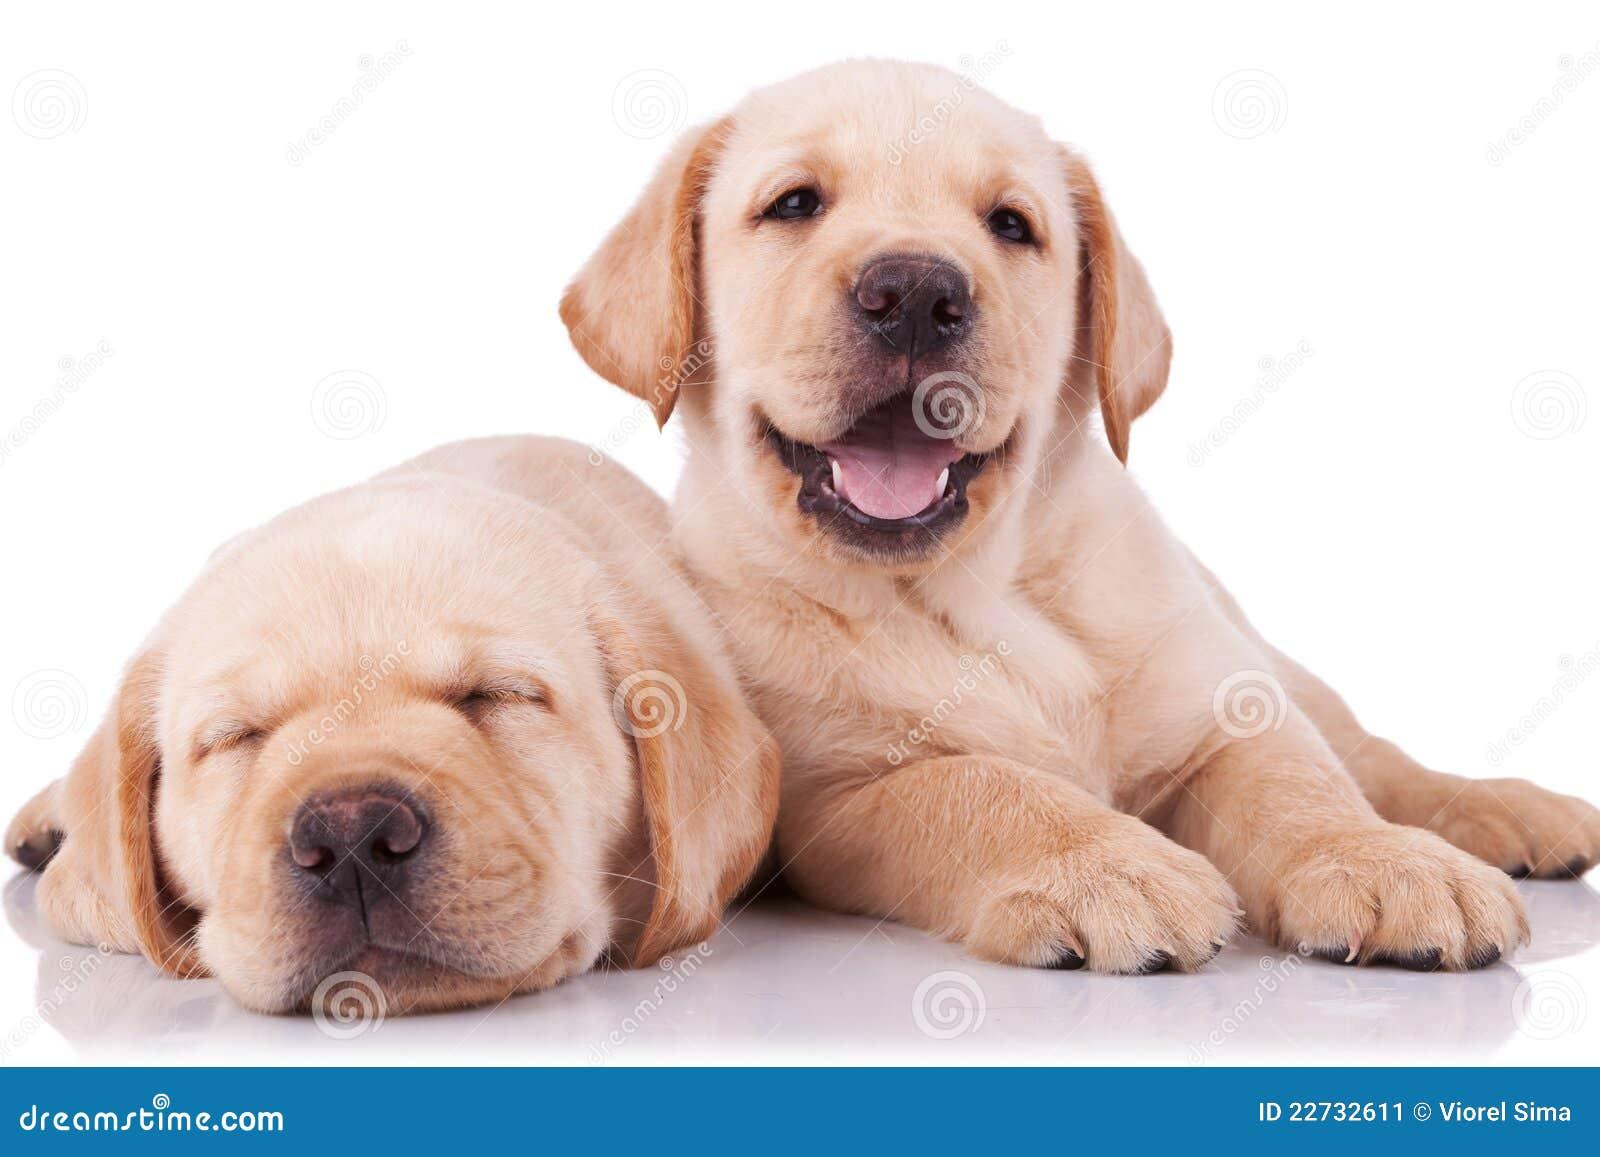 Two adorable little labrador retriever puppies